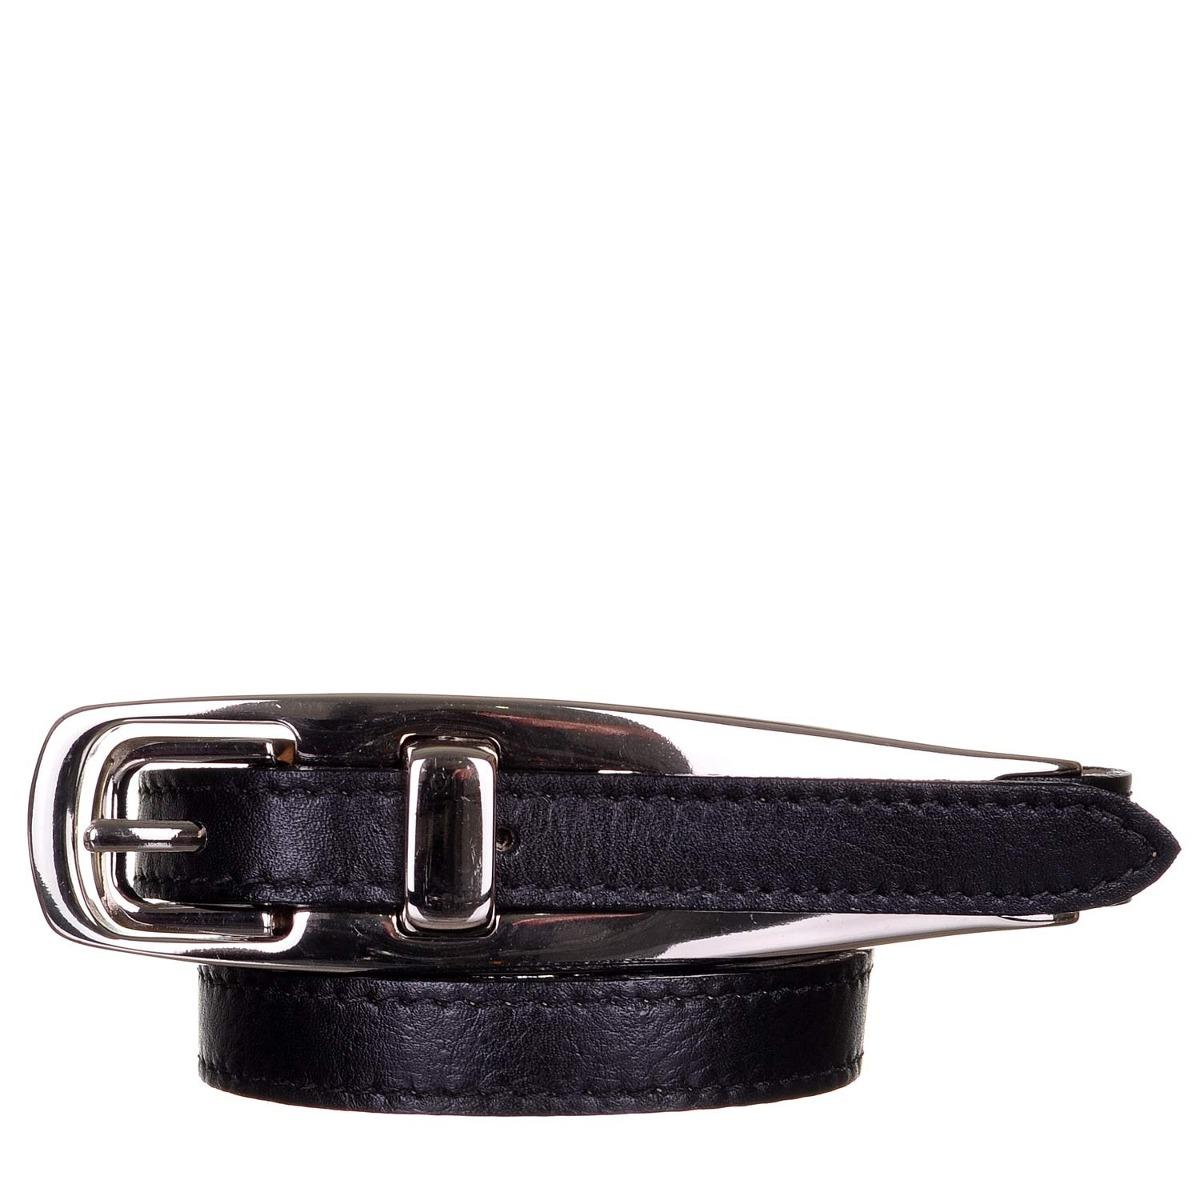 f52e7c035 cinto feminino de couro legítimo preto smartbag - original. Carregando zoom.